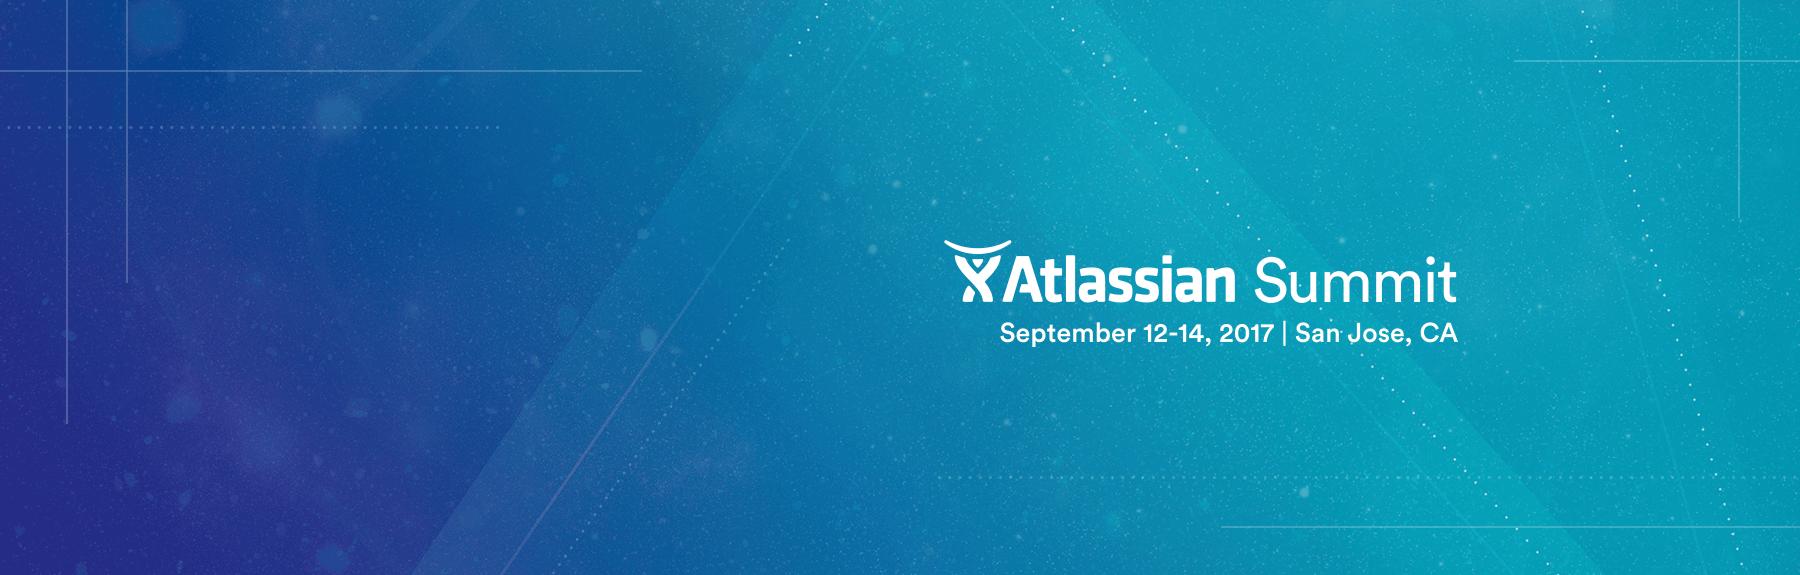 atlassian-summit-header